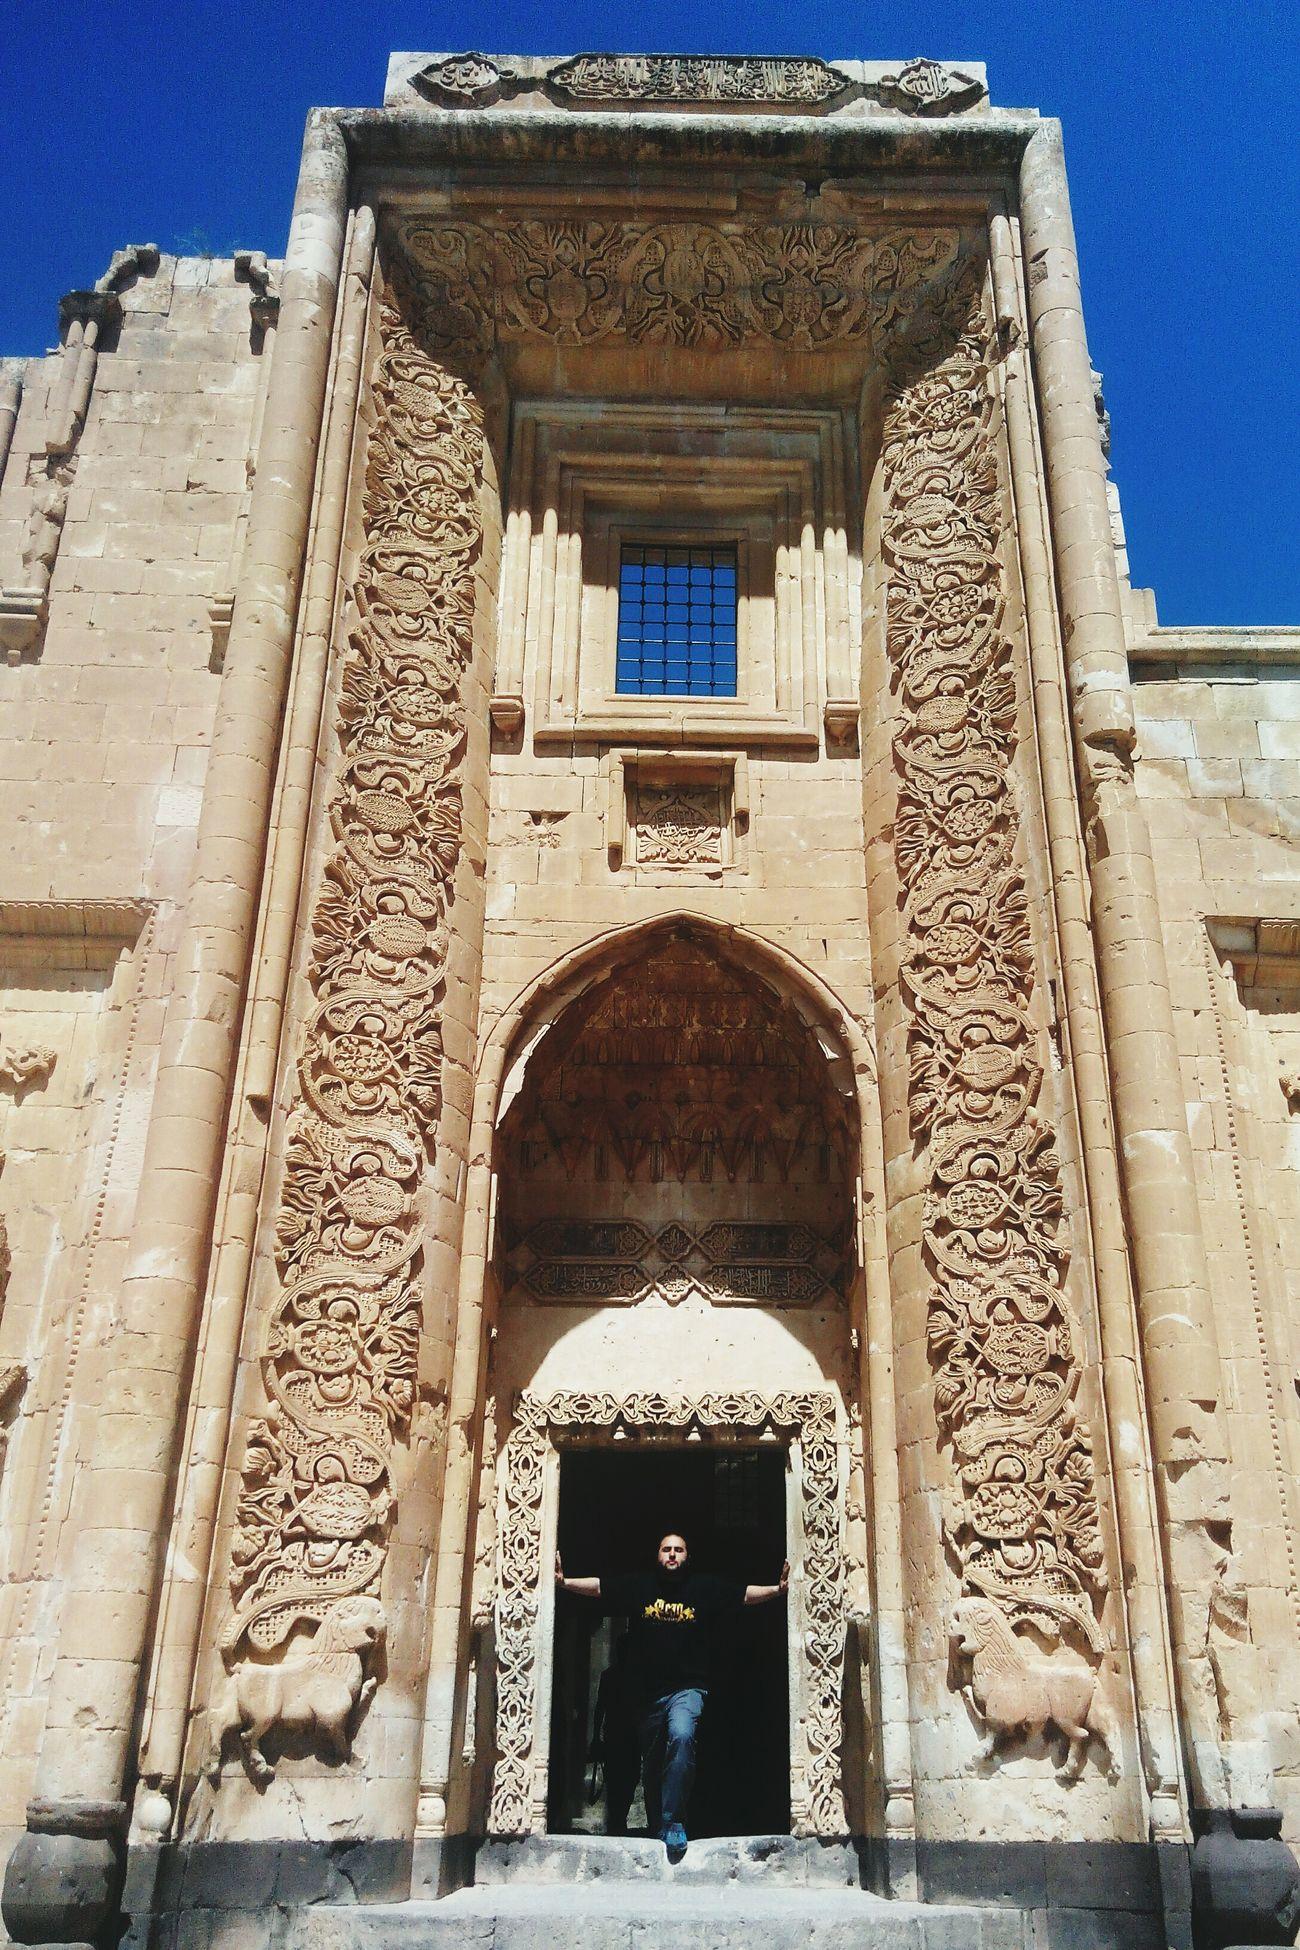 İshak Paşa Sarayı Ishak Pasha Palace Ağrı Doğubeyazıt Ararat Mountain Ararat